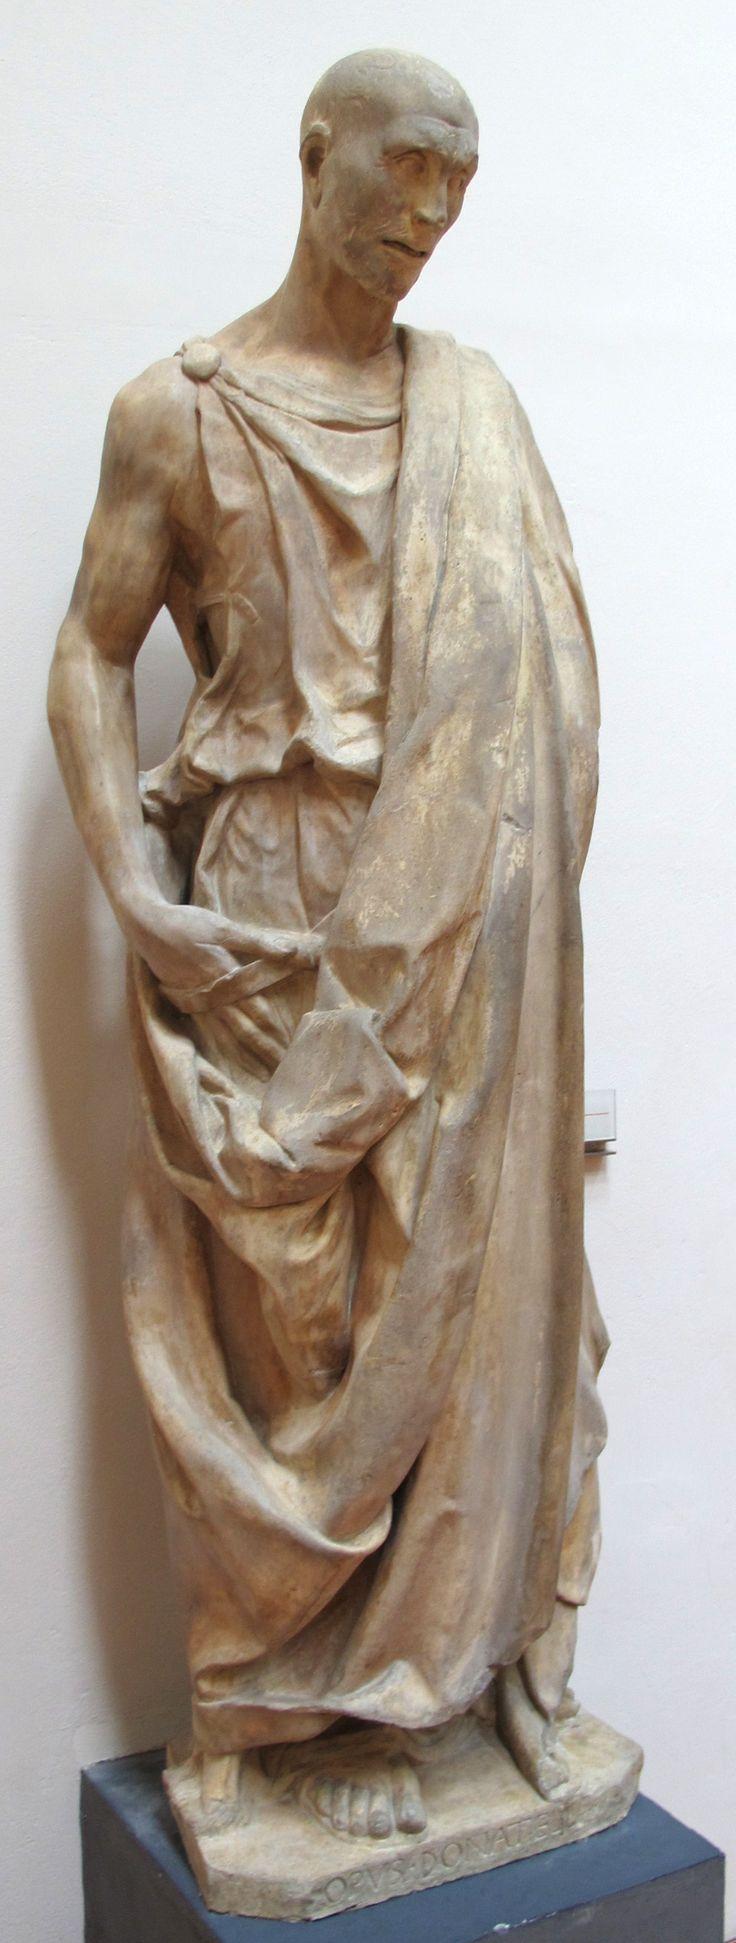 Abacuc, Donatello, 1423-1425, scultura in marmo, Firenze, Museo dell'Opera del Duomo